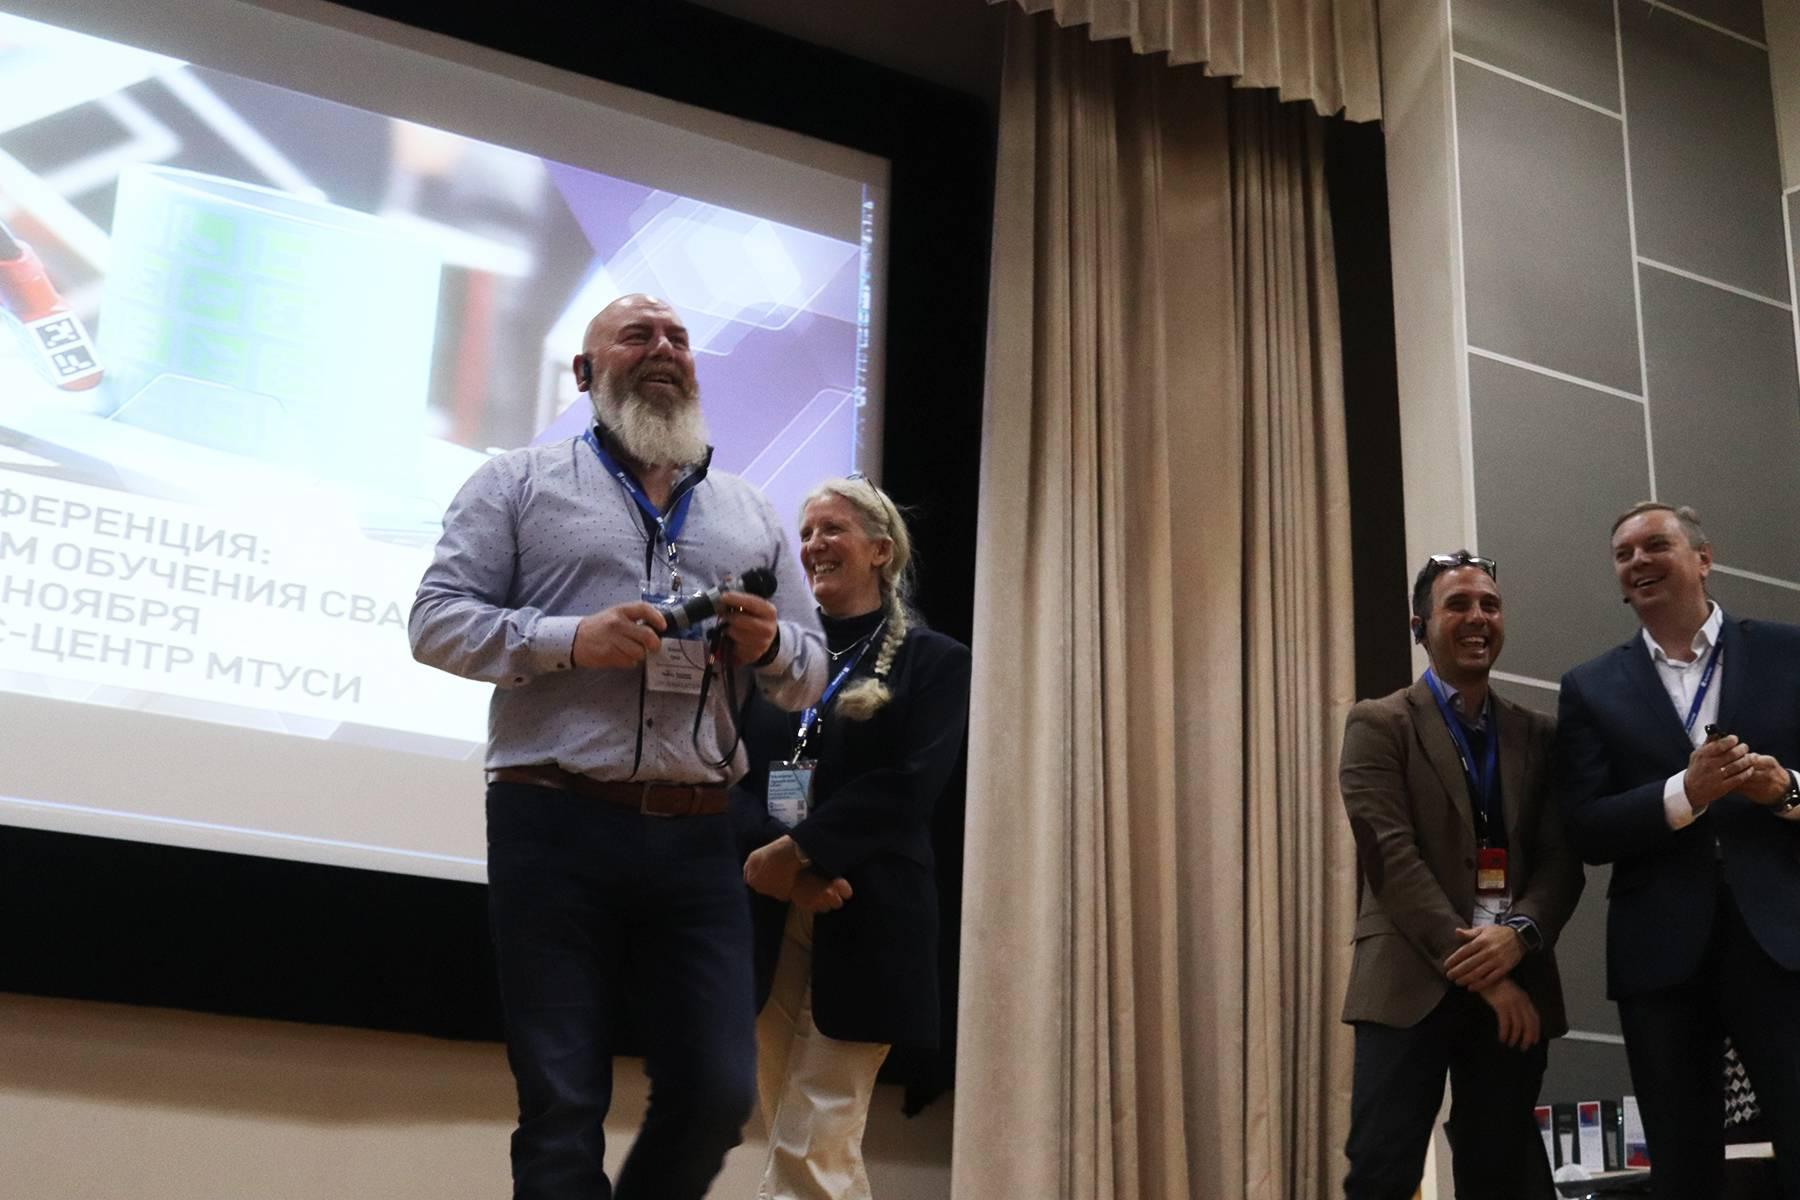 Успешное проведение конференции «Решение проблем обучения сварщика»